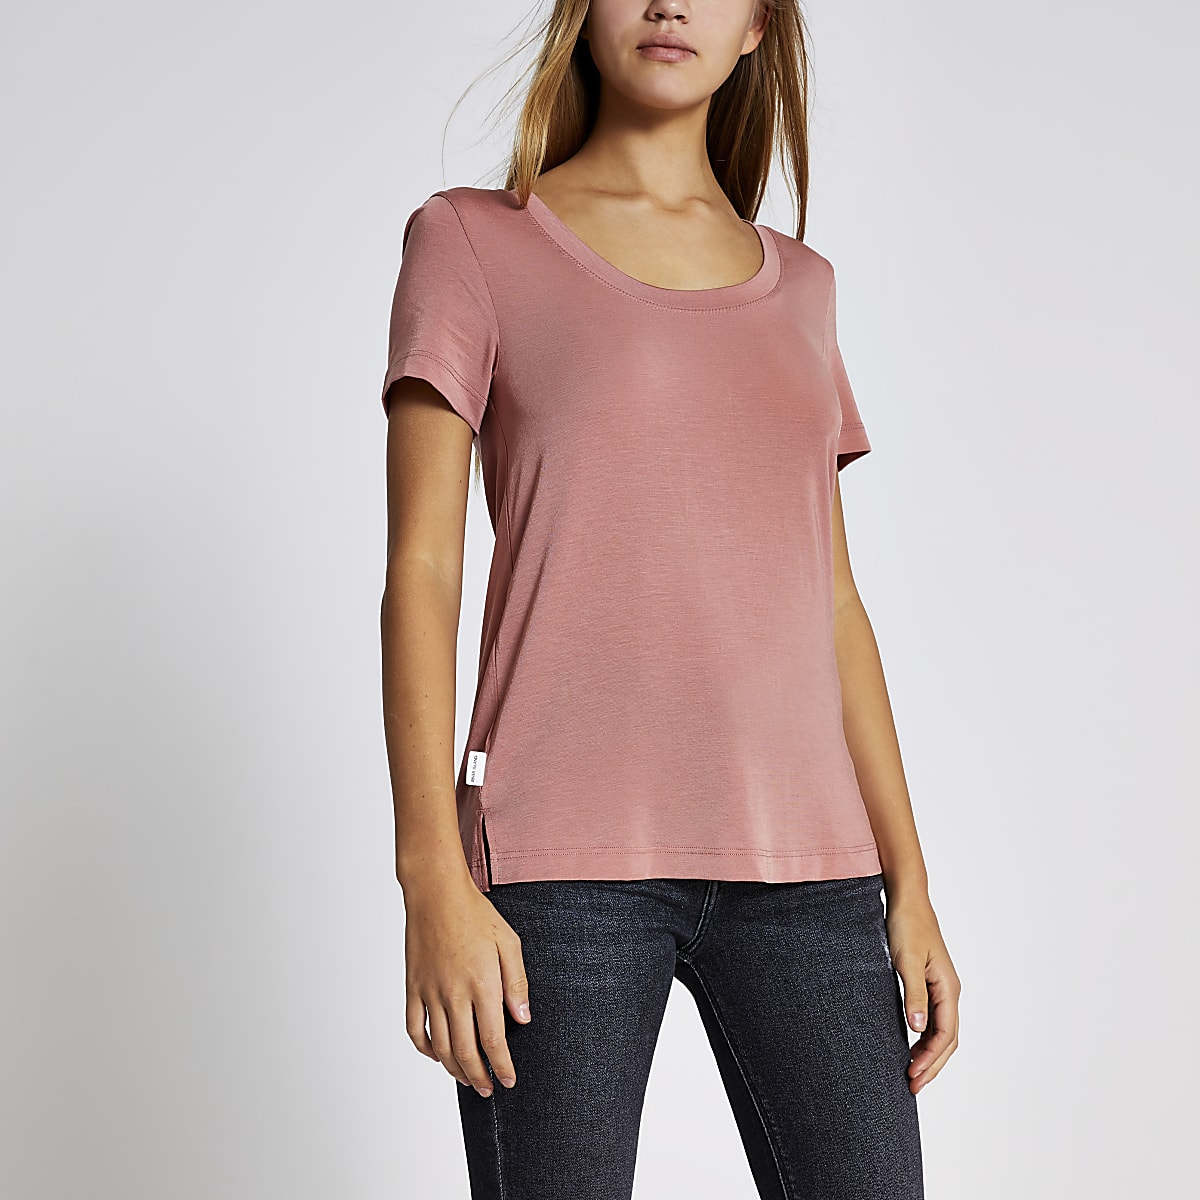 Roze premium jersey T-shirt met lage hals